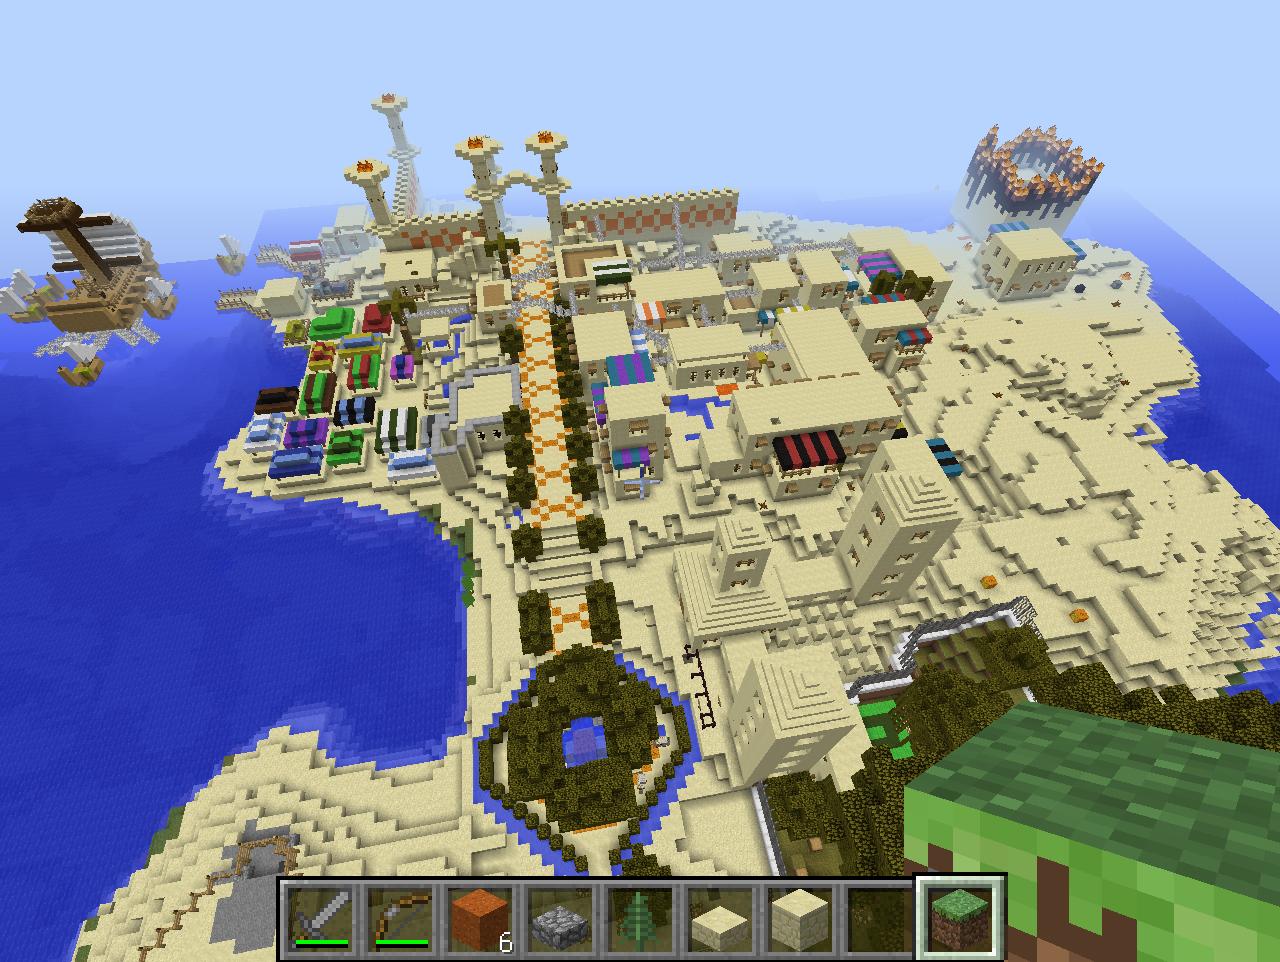 Minecraft comment cr er une maison arabique tr s facilement - Decorer sa maison minecraft ...